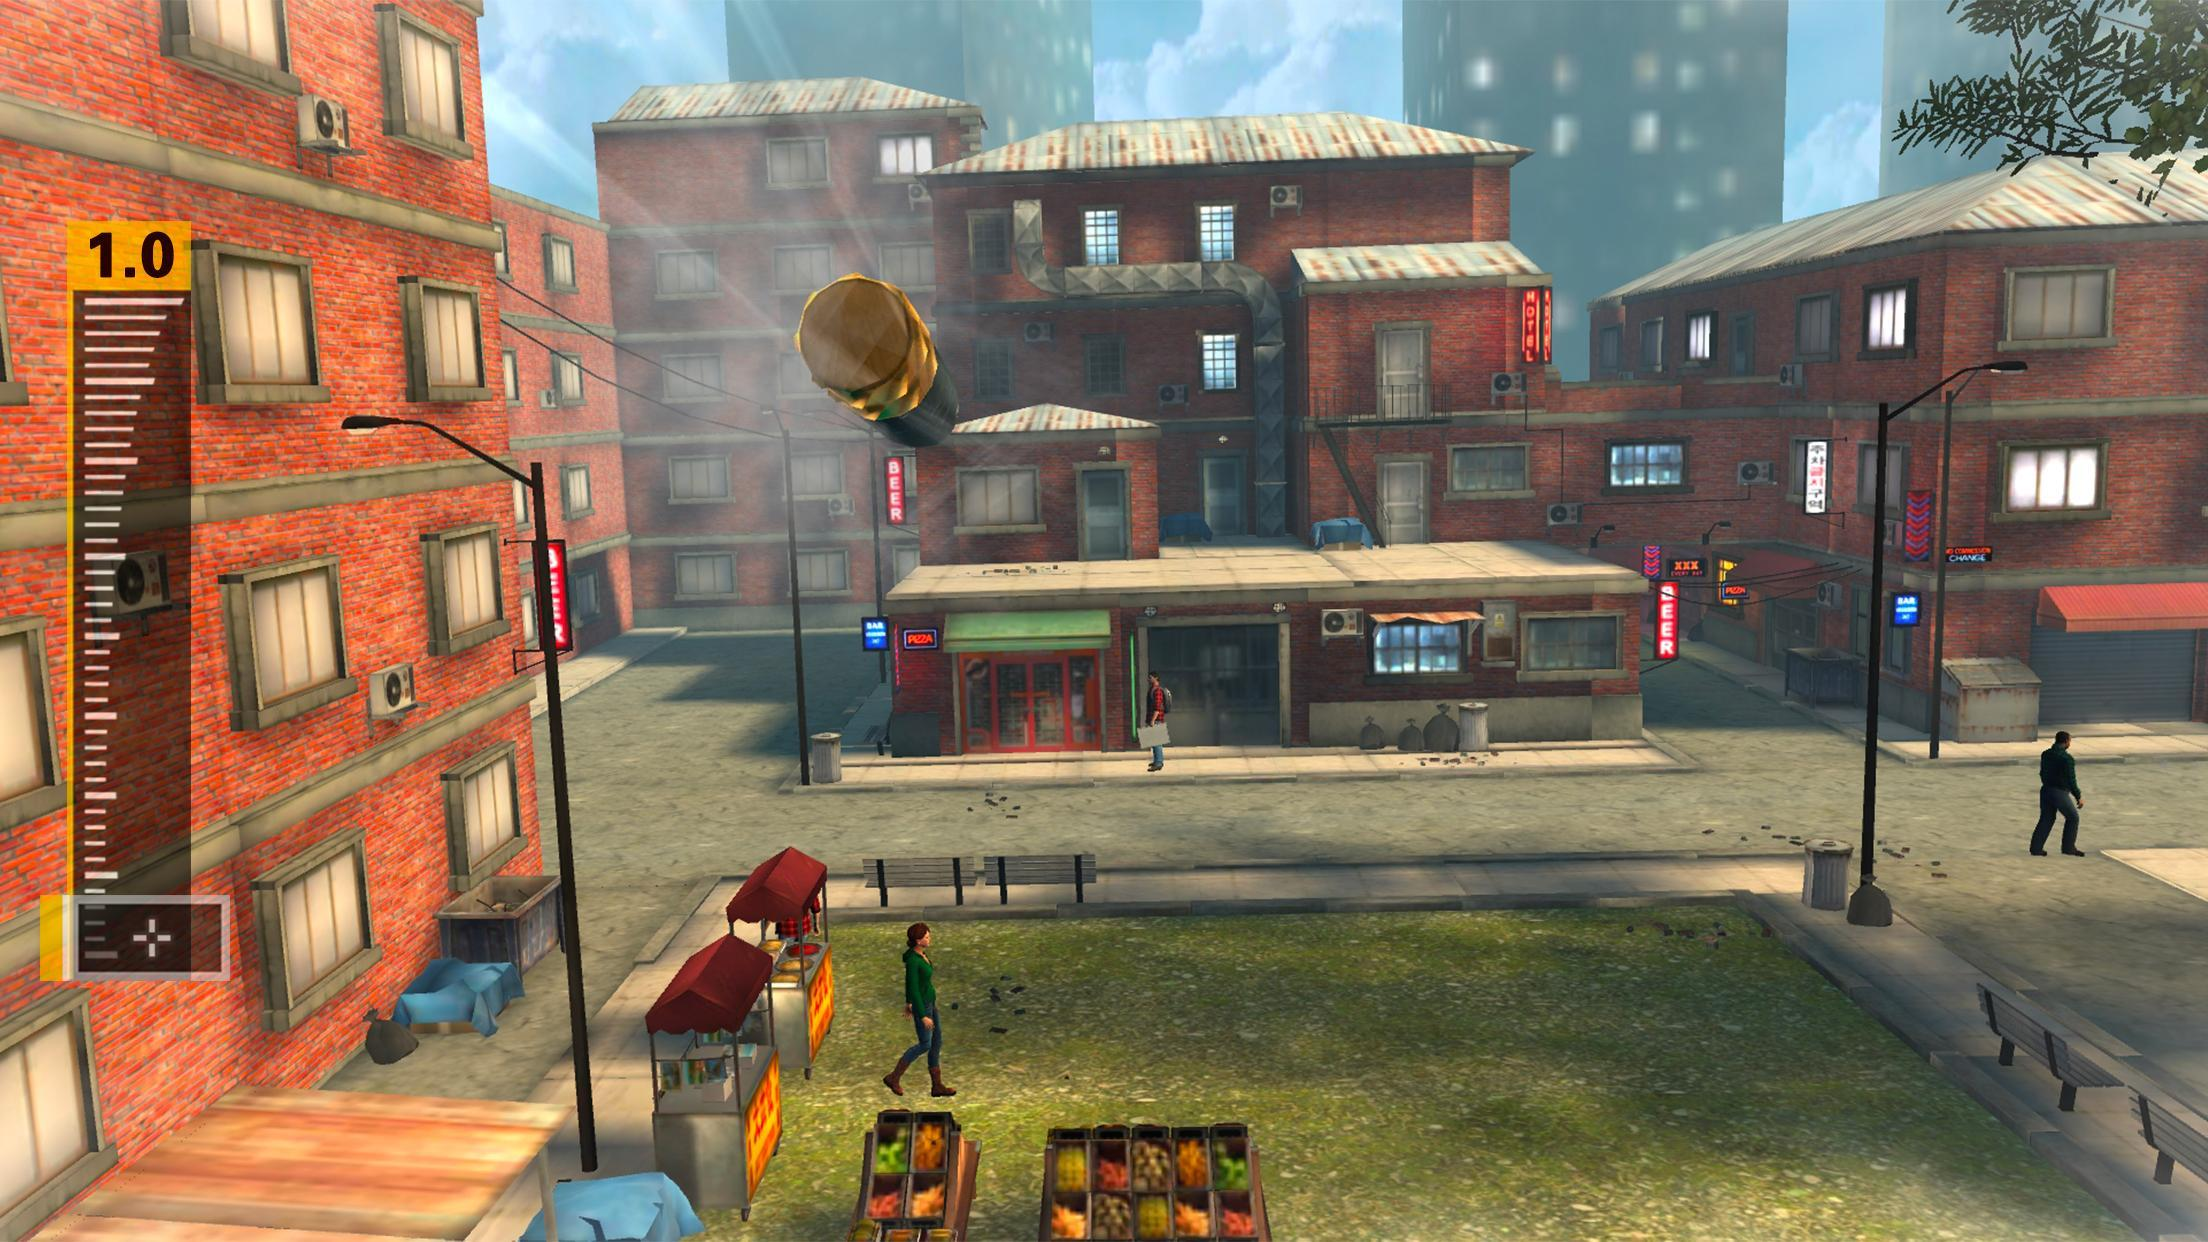 Sniper Honor: Fun FPS 3D Gun Shooting Game 2020 1.8.1 Screenshot 7